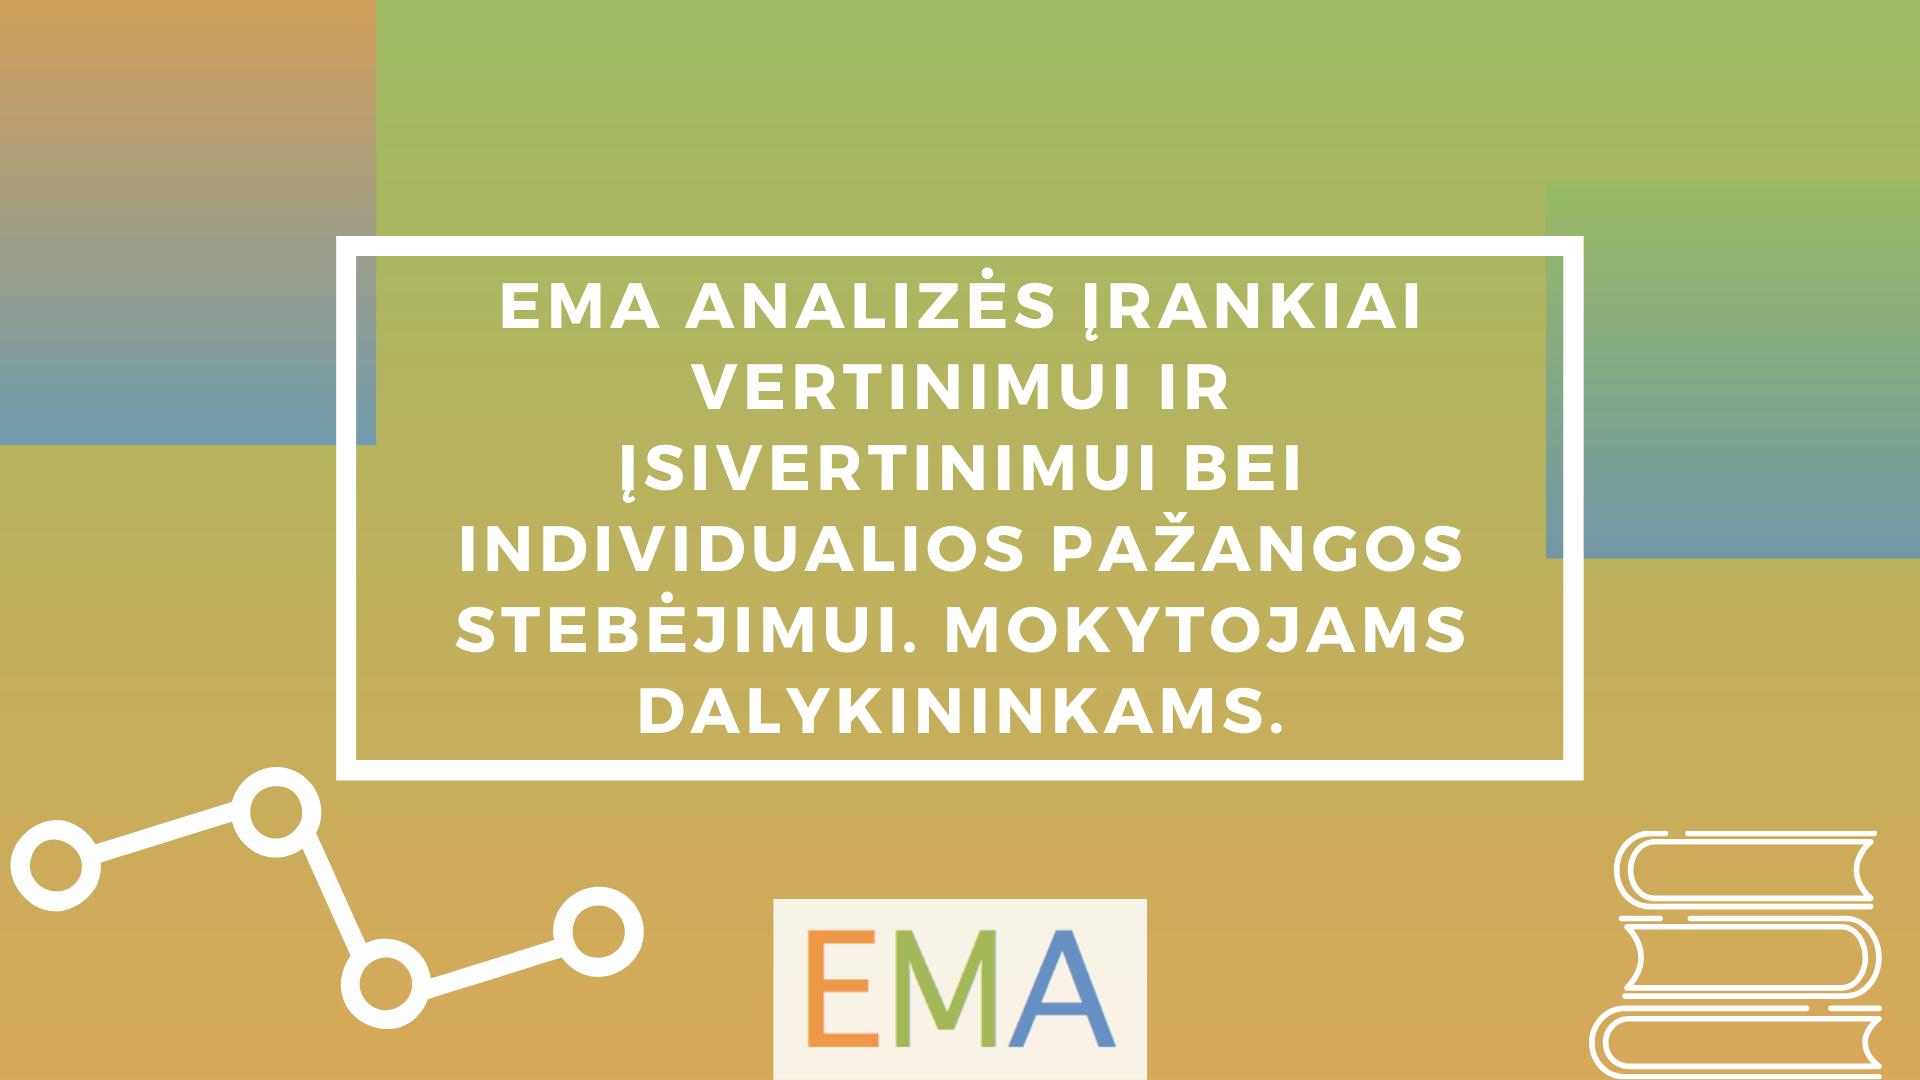 EMA analizės įrankiai vertinimui ir įsivertinimui bei individualios pažangos stebėjimui. Mokytojams dalykininkams.